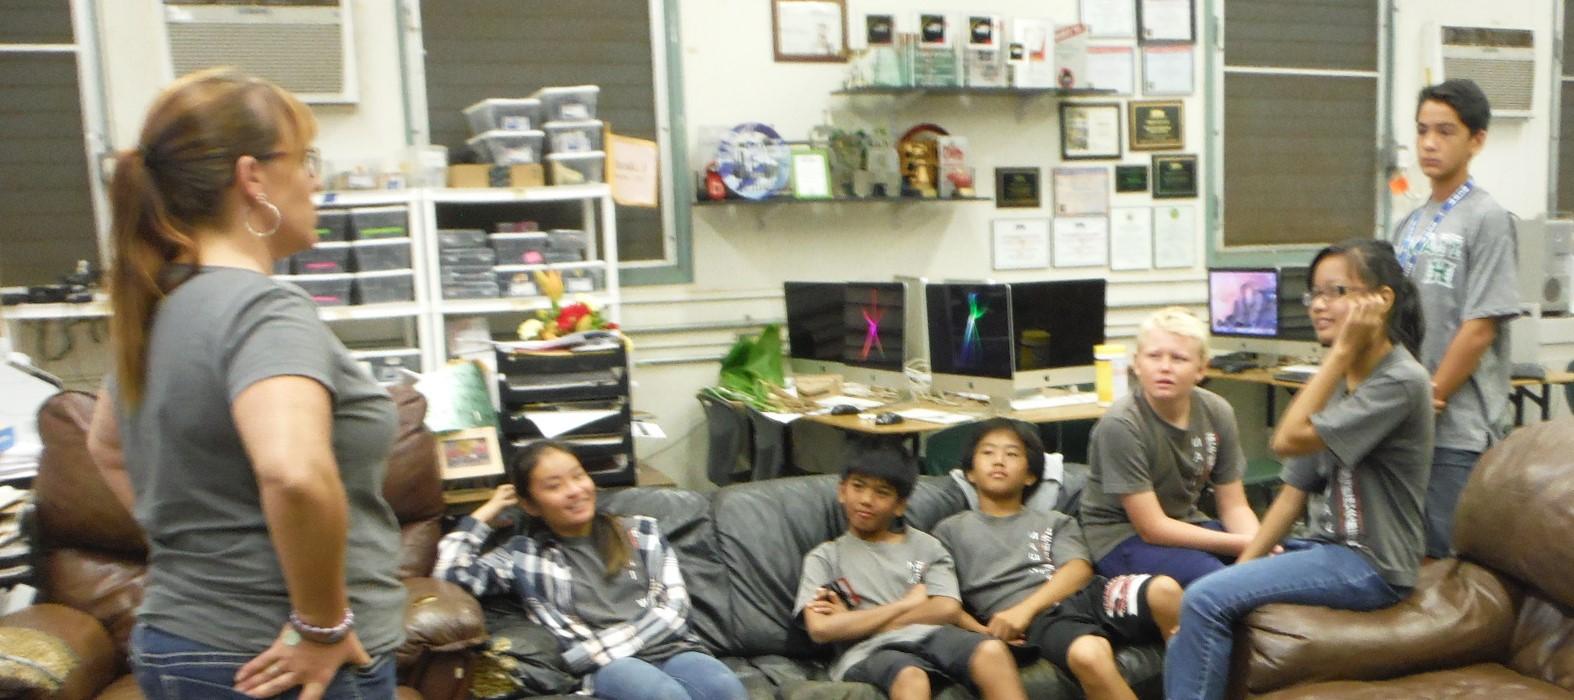 Members of the Maui Waena Media and Technology Club. Maui Waena photo.